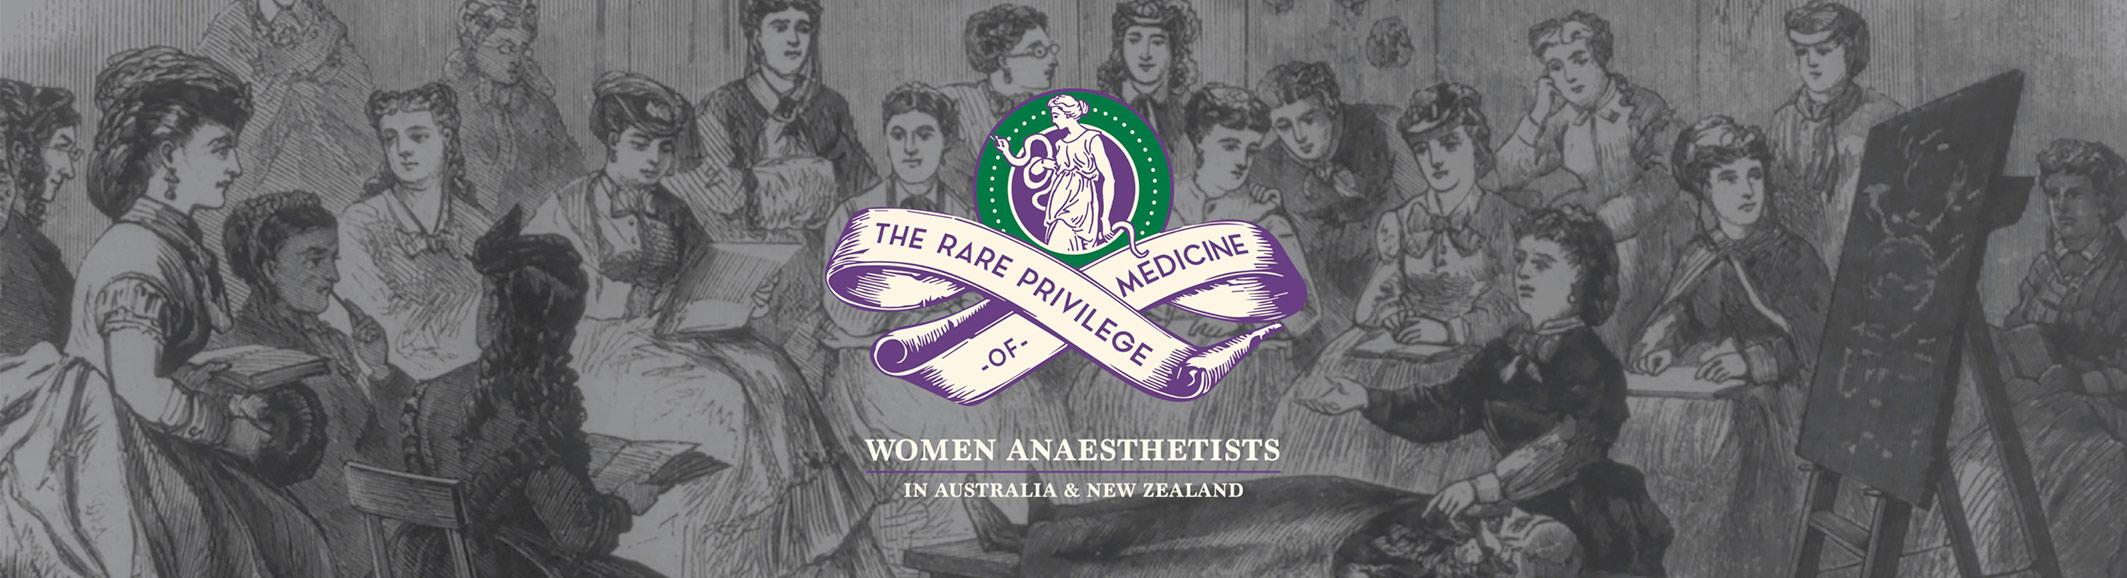 Rare Privilege of Medicine